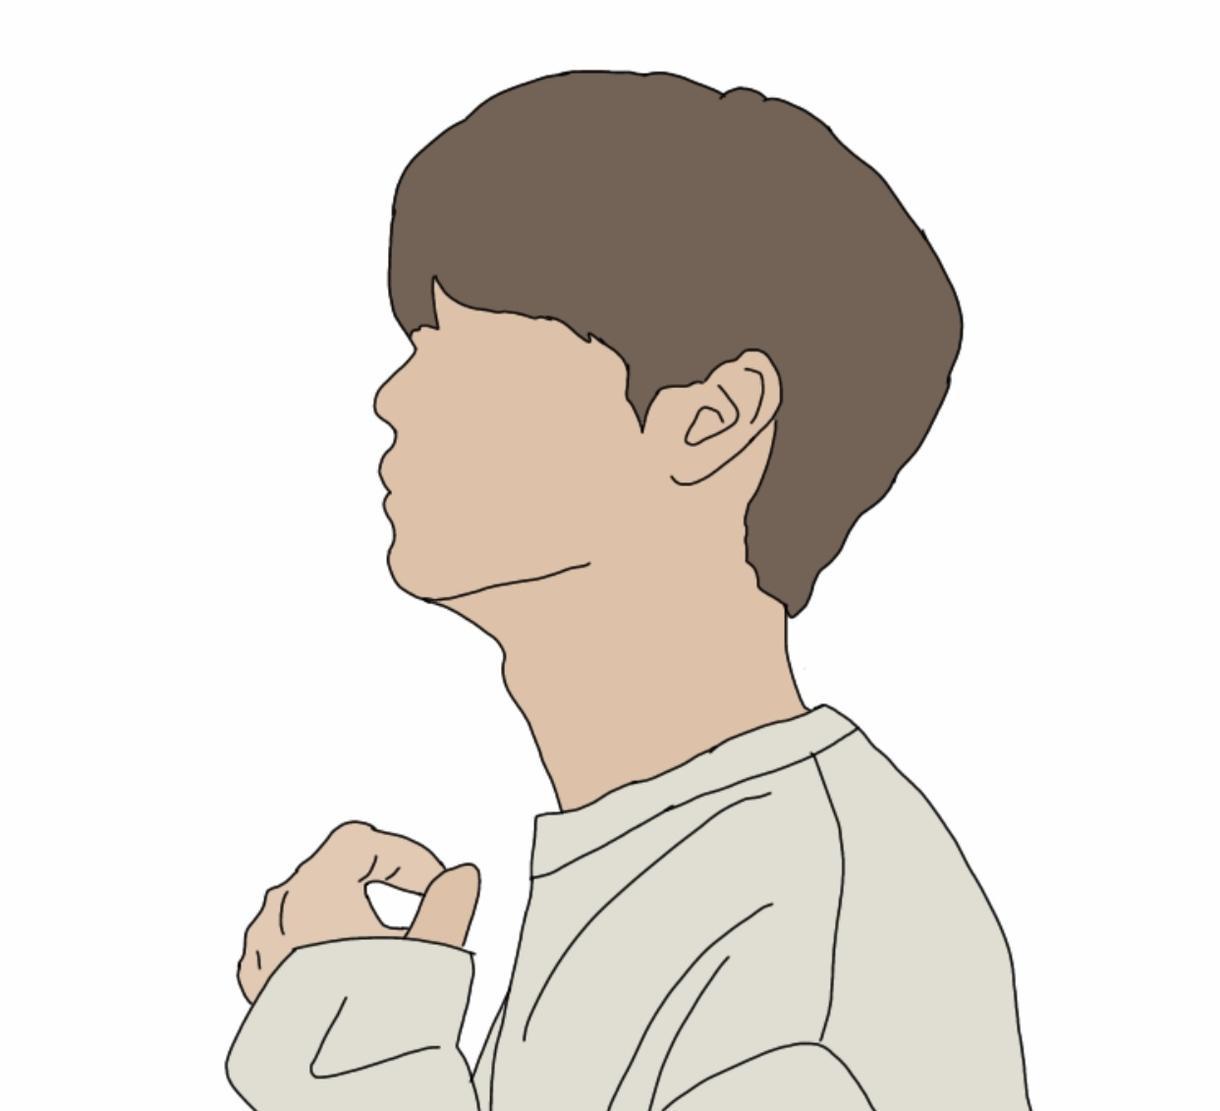 今流行ってる韓国風イラスト描きます オシャレなイラスト、韓国好きならこのイラスト! イメージ1